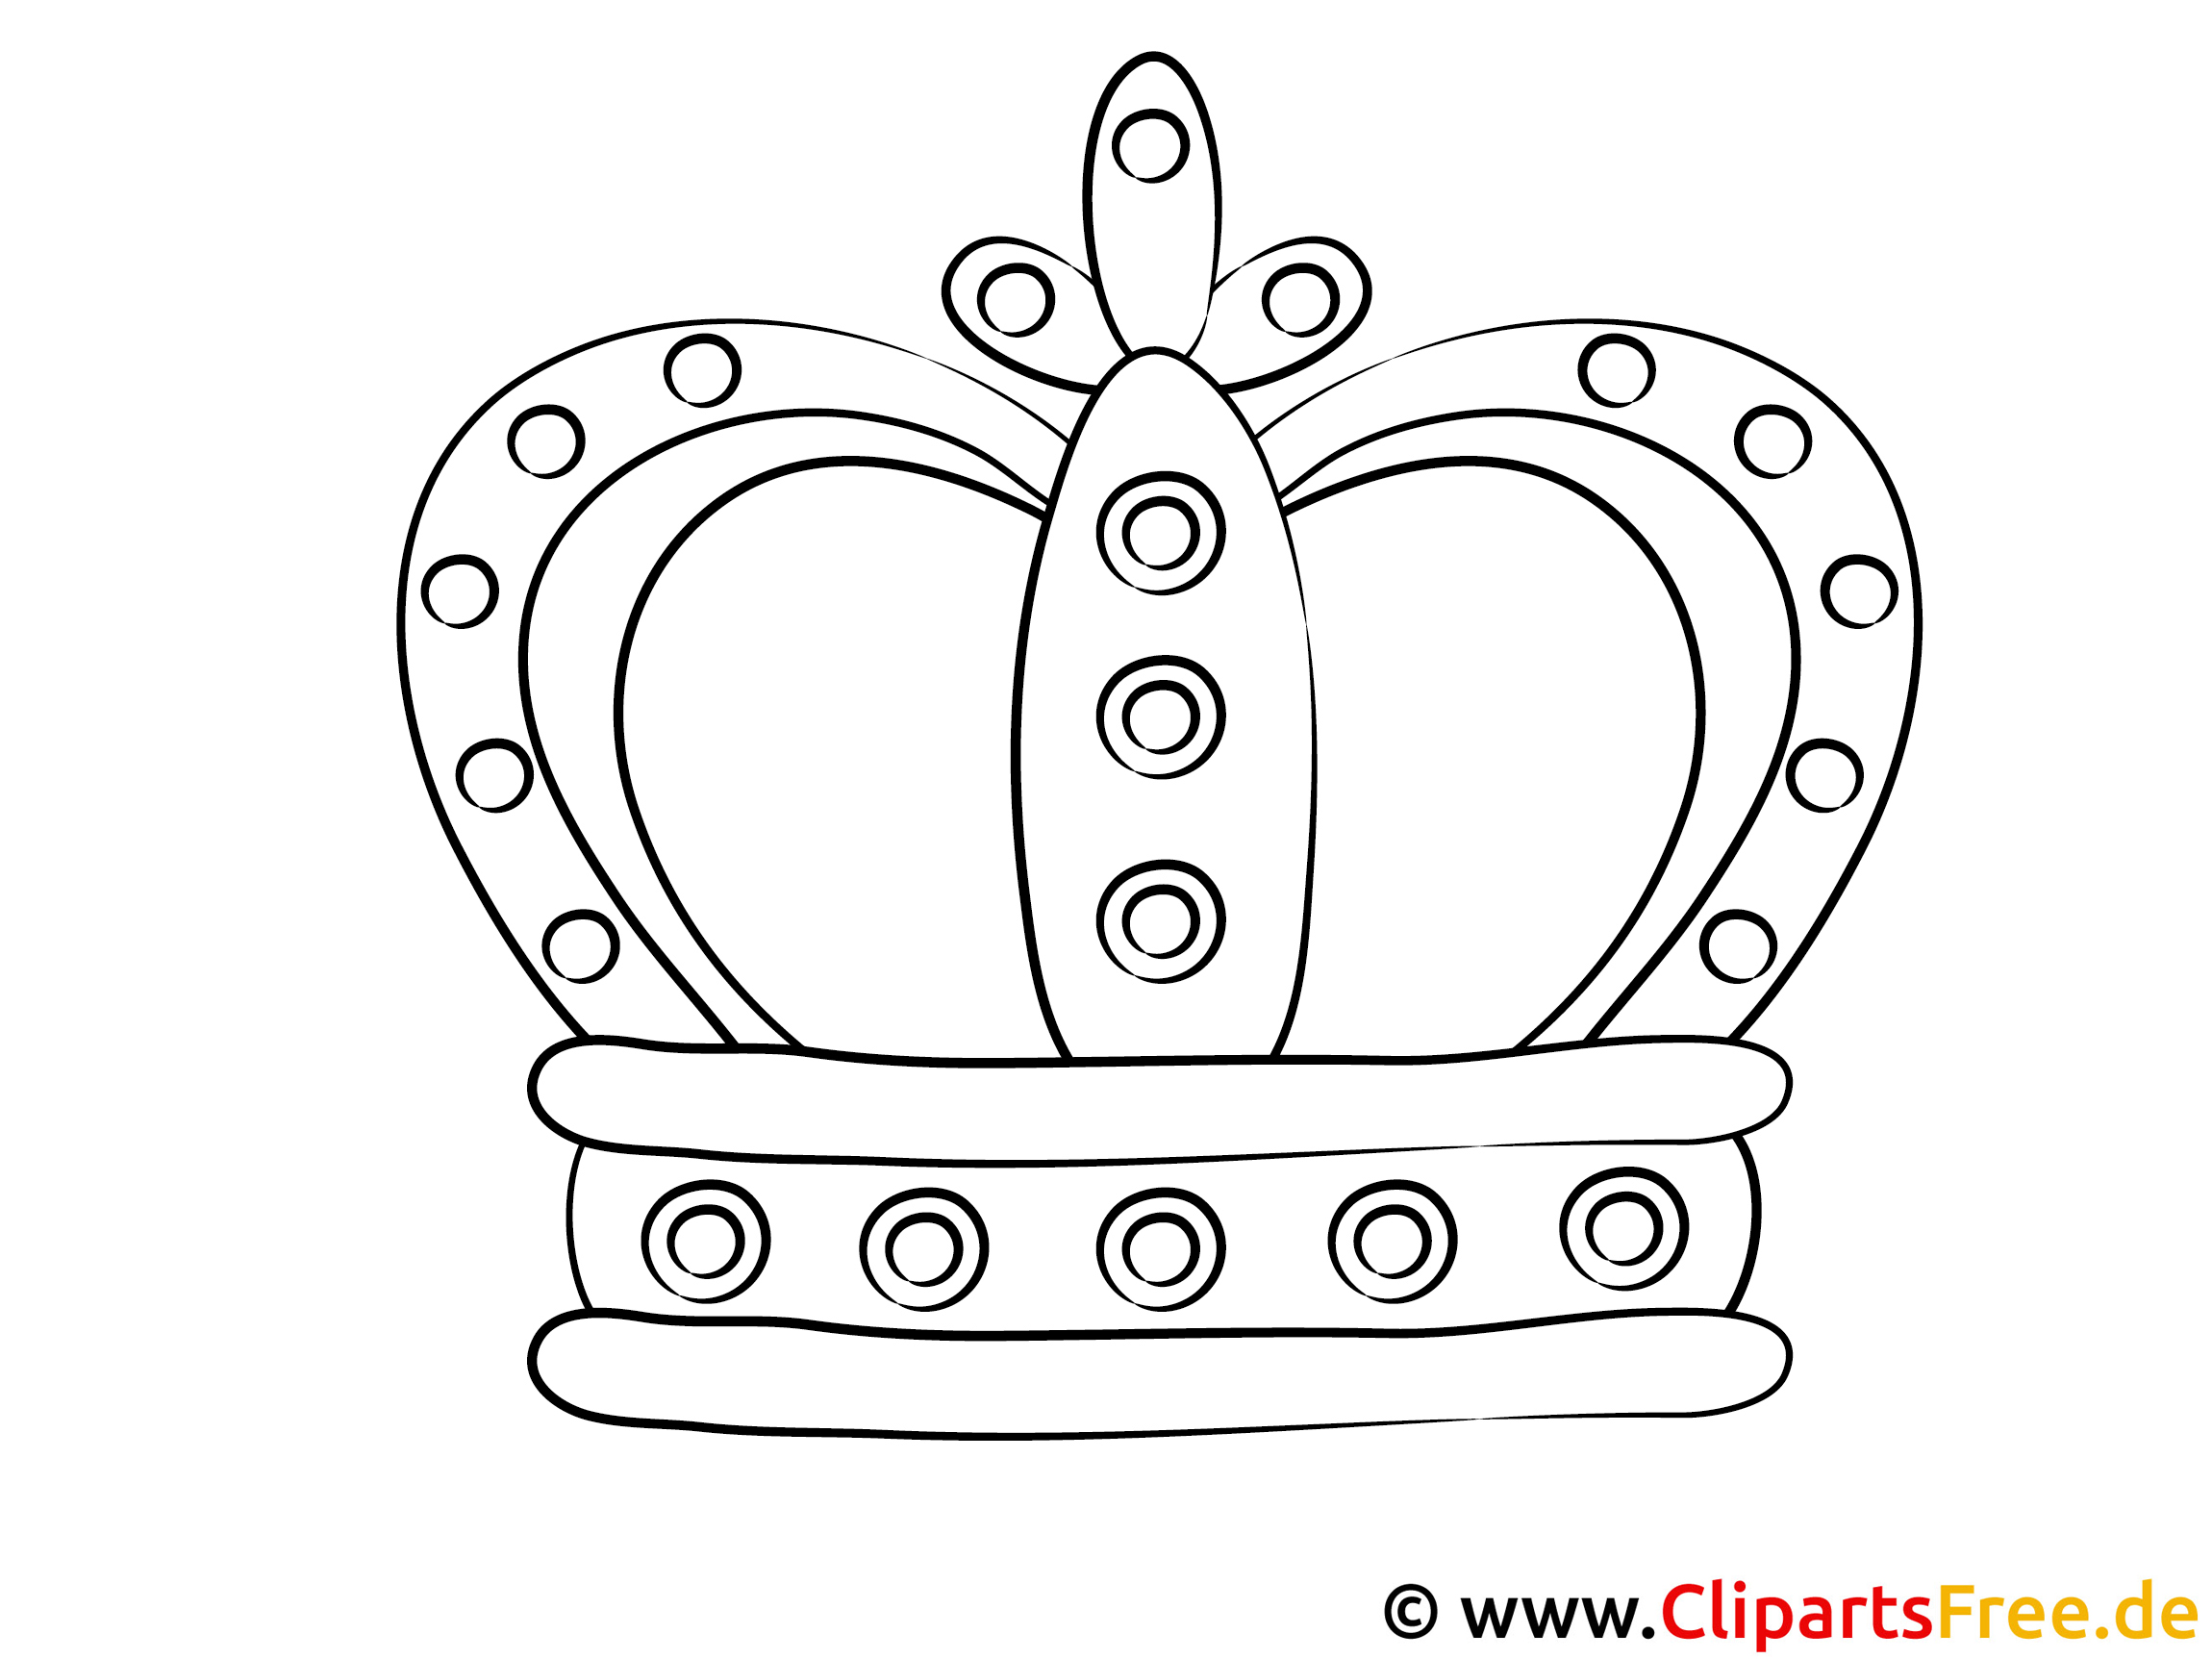 Malvorlagen Krone   My blog